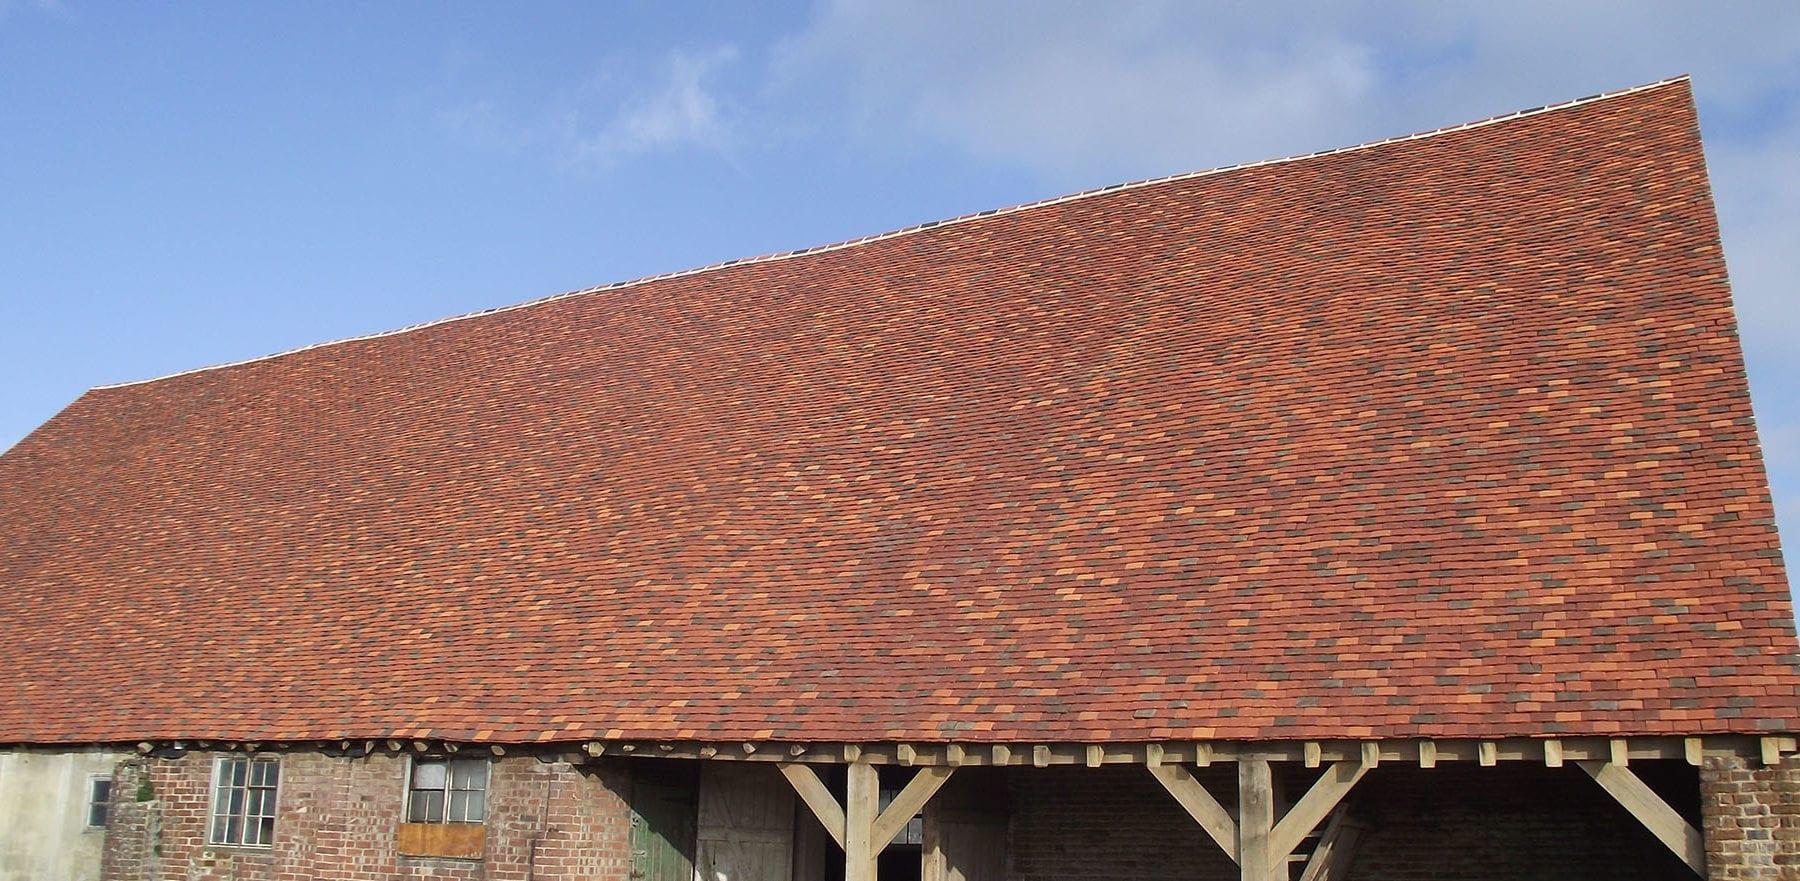 Lifestiles - Handmade Bespoke Clay Roof Tiles - Pelsham Barns, England 2